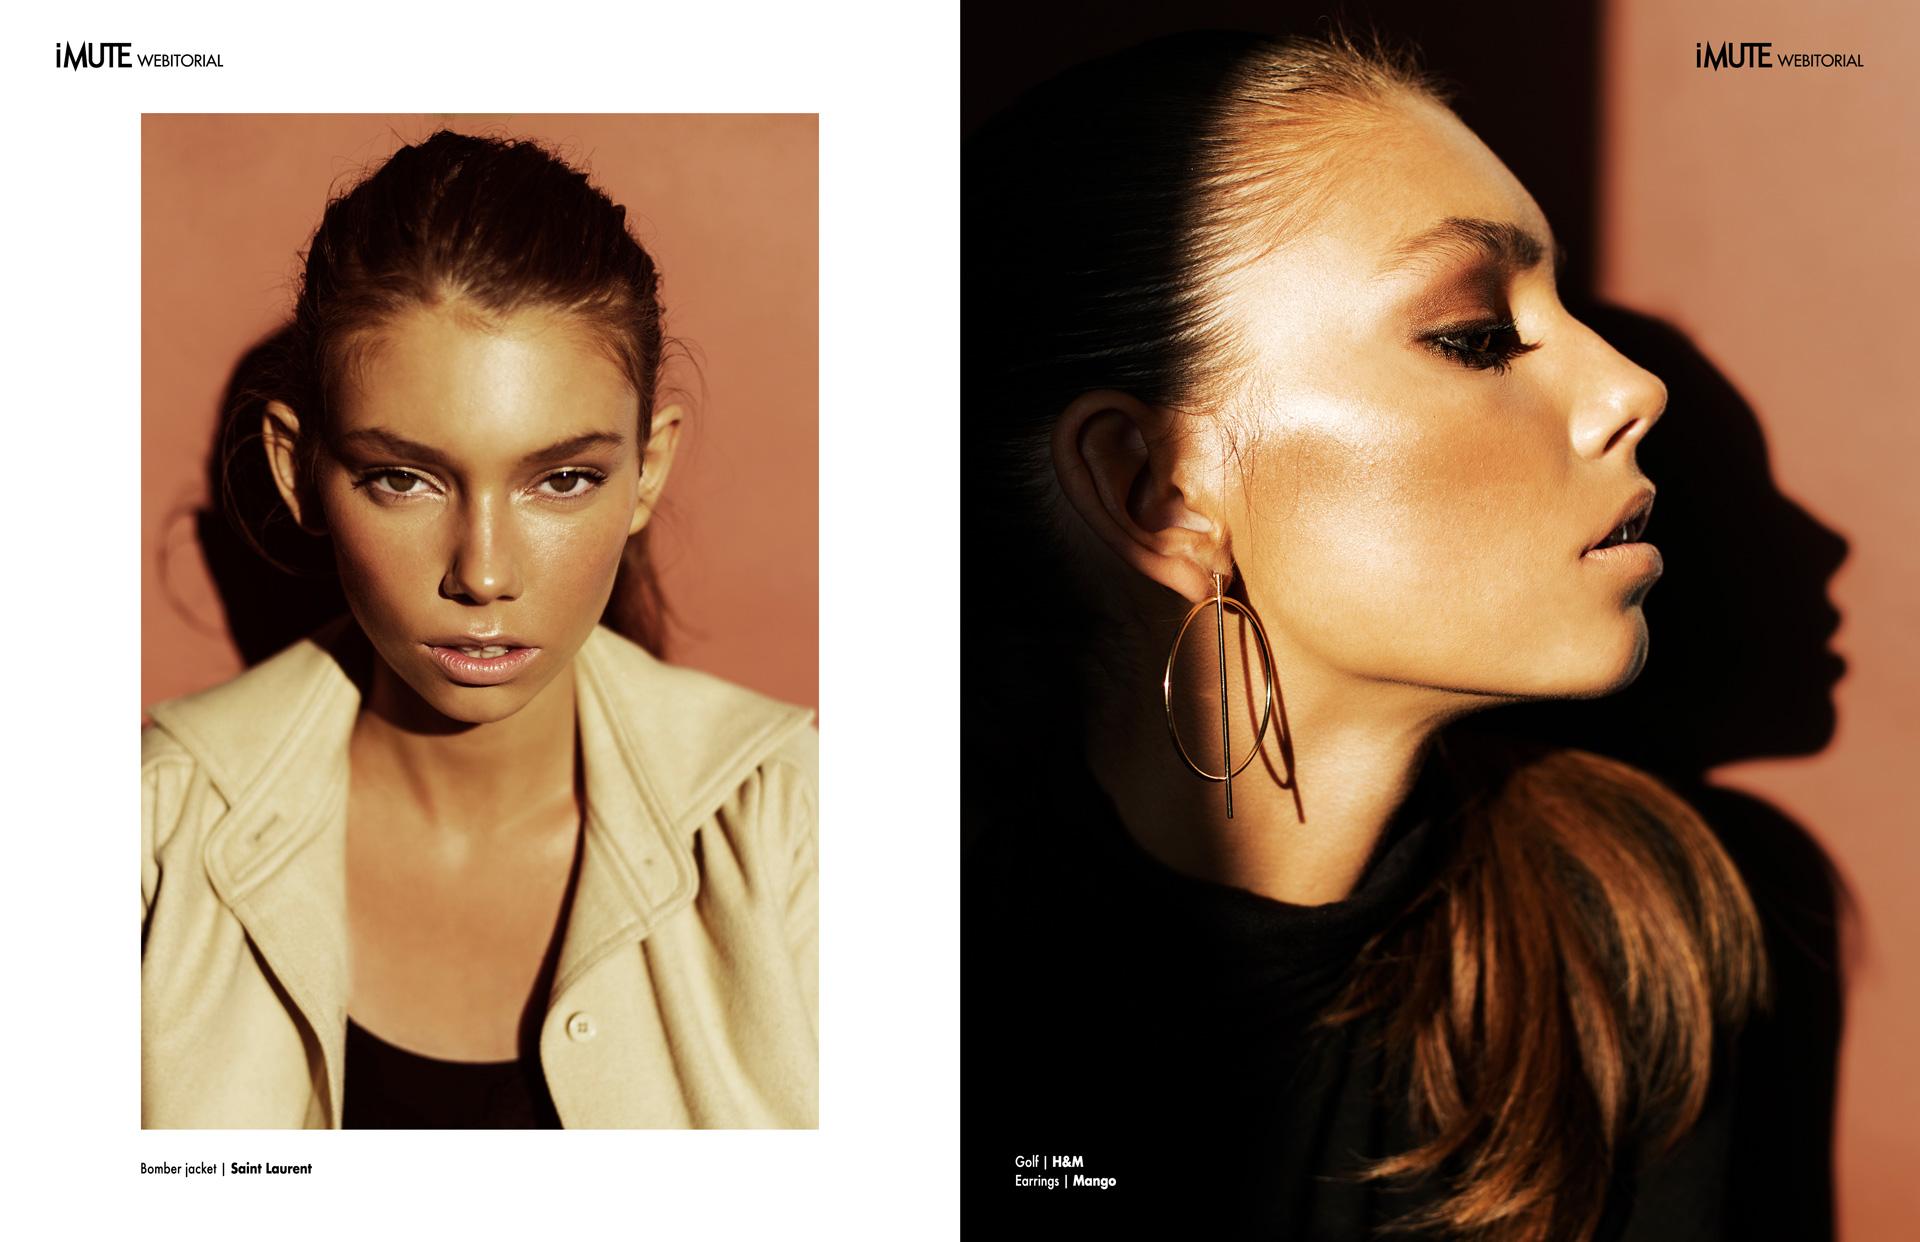 Alicja webitorial for iMute Magazine Photographer | Magdalena Kozicka Model | Alicja @ New Age Models Stylist | Agnieszka Anikin @ Art of Style Make up | Katarzyna Biały